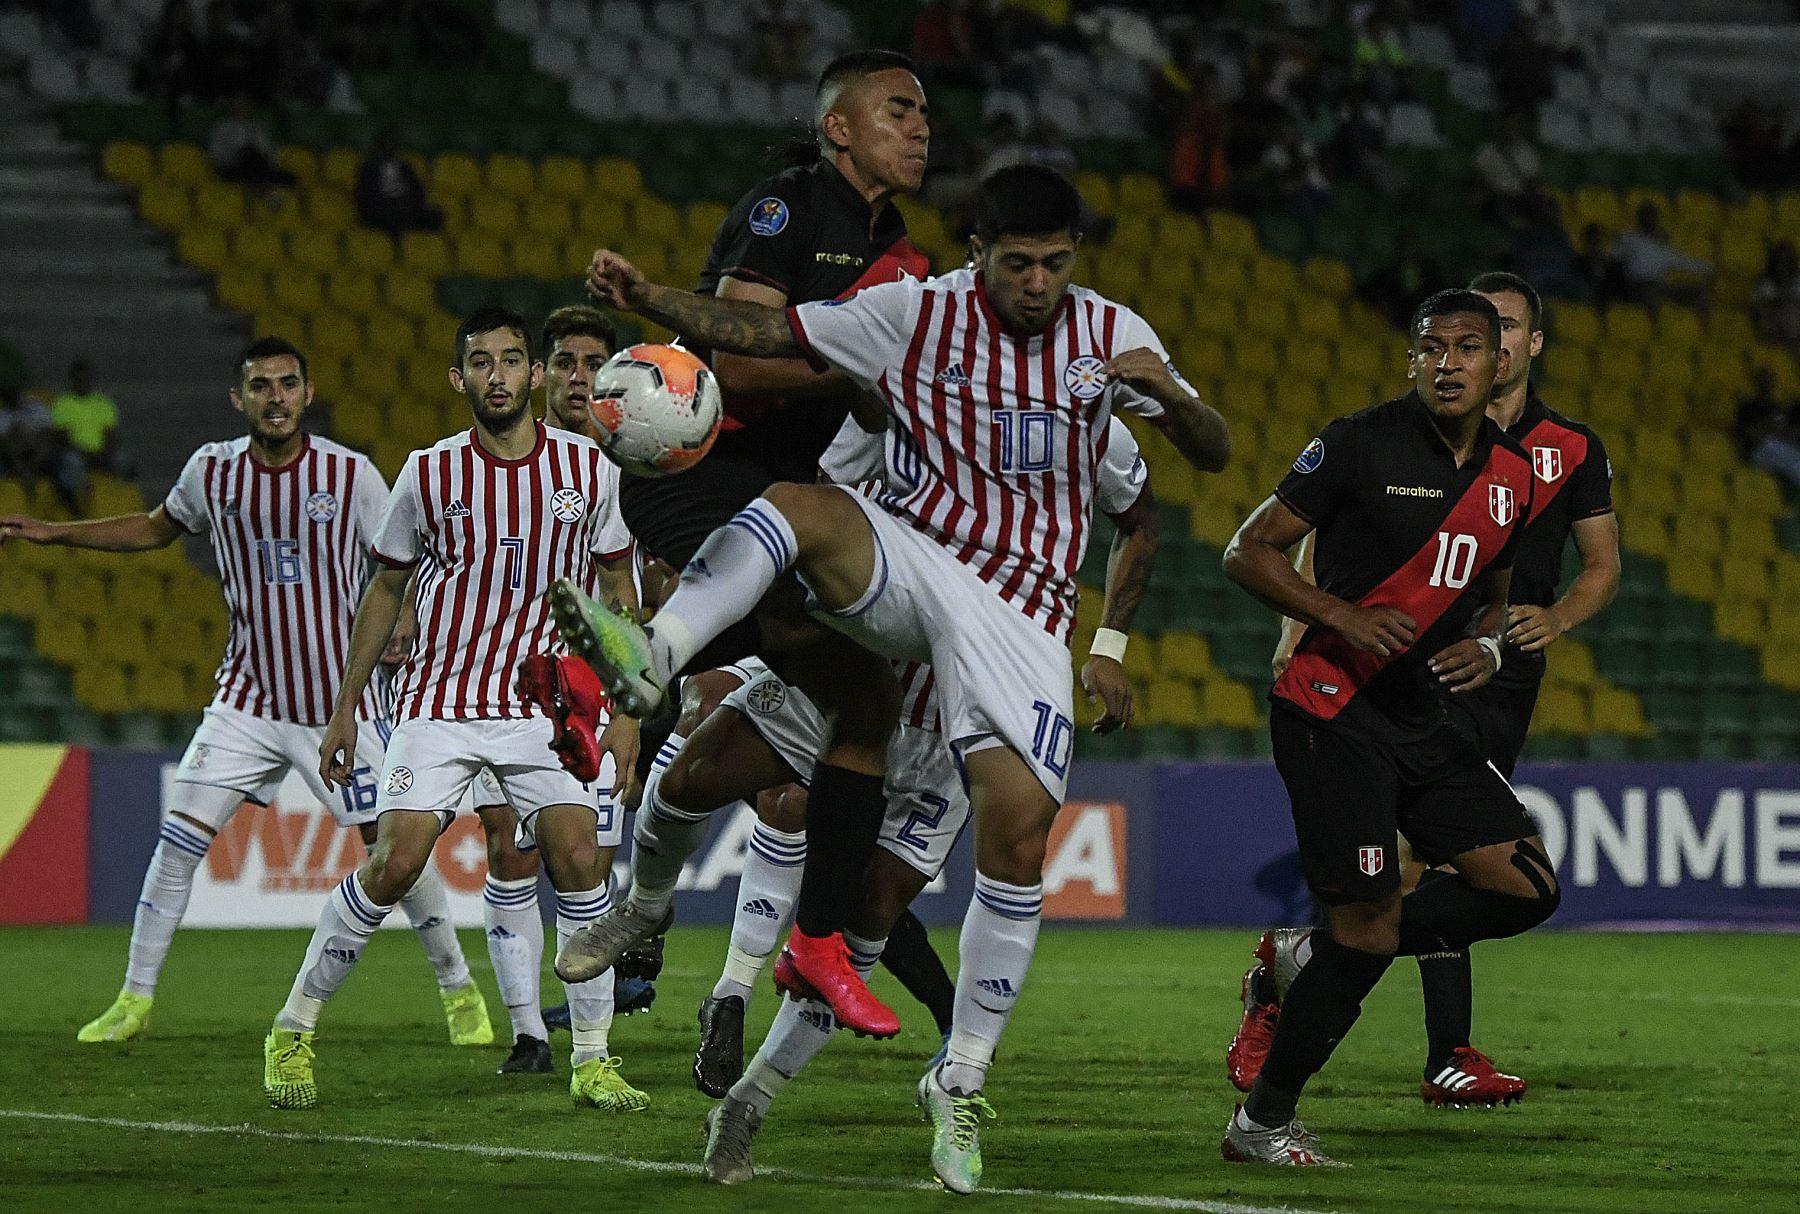 El centrocampista eruvio Aldair Fuentes (C) y el delantero paraguayo Sergio Díaz (10) compiten por el balón durante su torneo de fútbol pre-olímpico sudamericano Sub-23 en el estadio Centenario en Armenia, Colombia.Foto:AFP